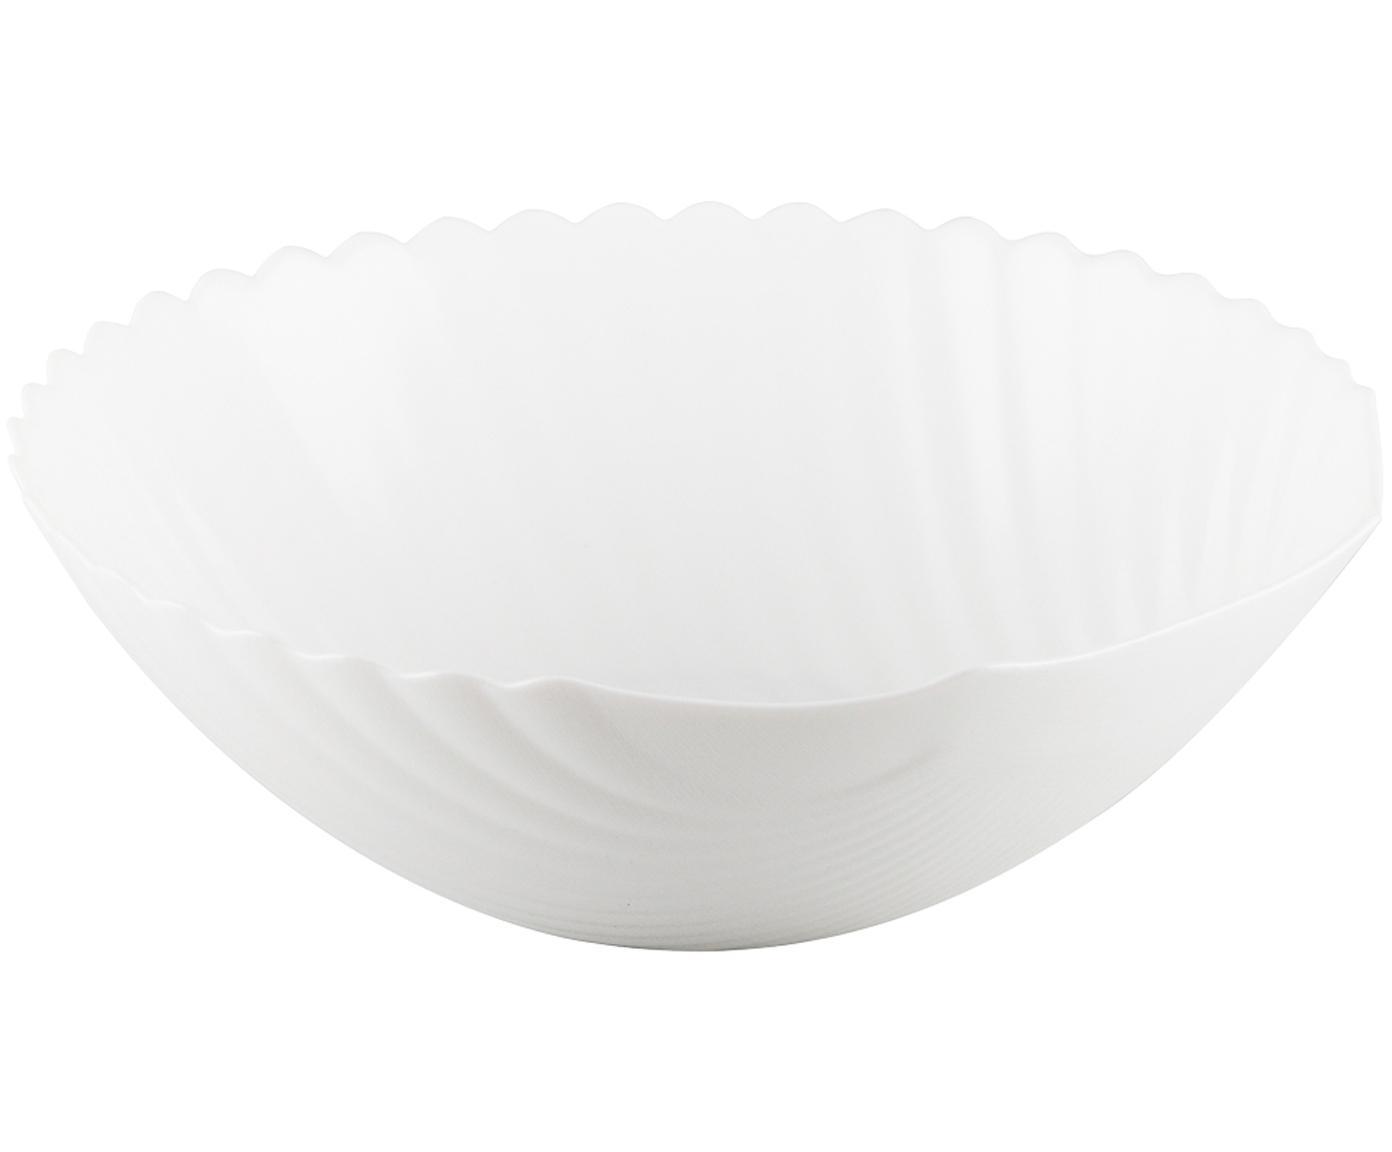 Schüssel Shell in Muschelform, Glas, Weiß, Ø 24 x H 8 cm